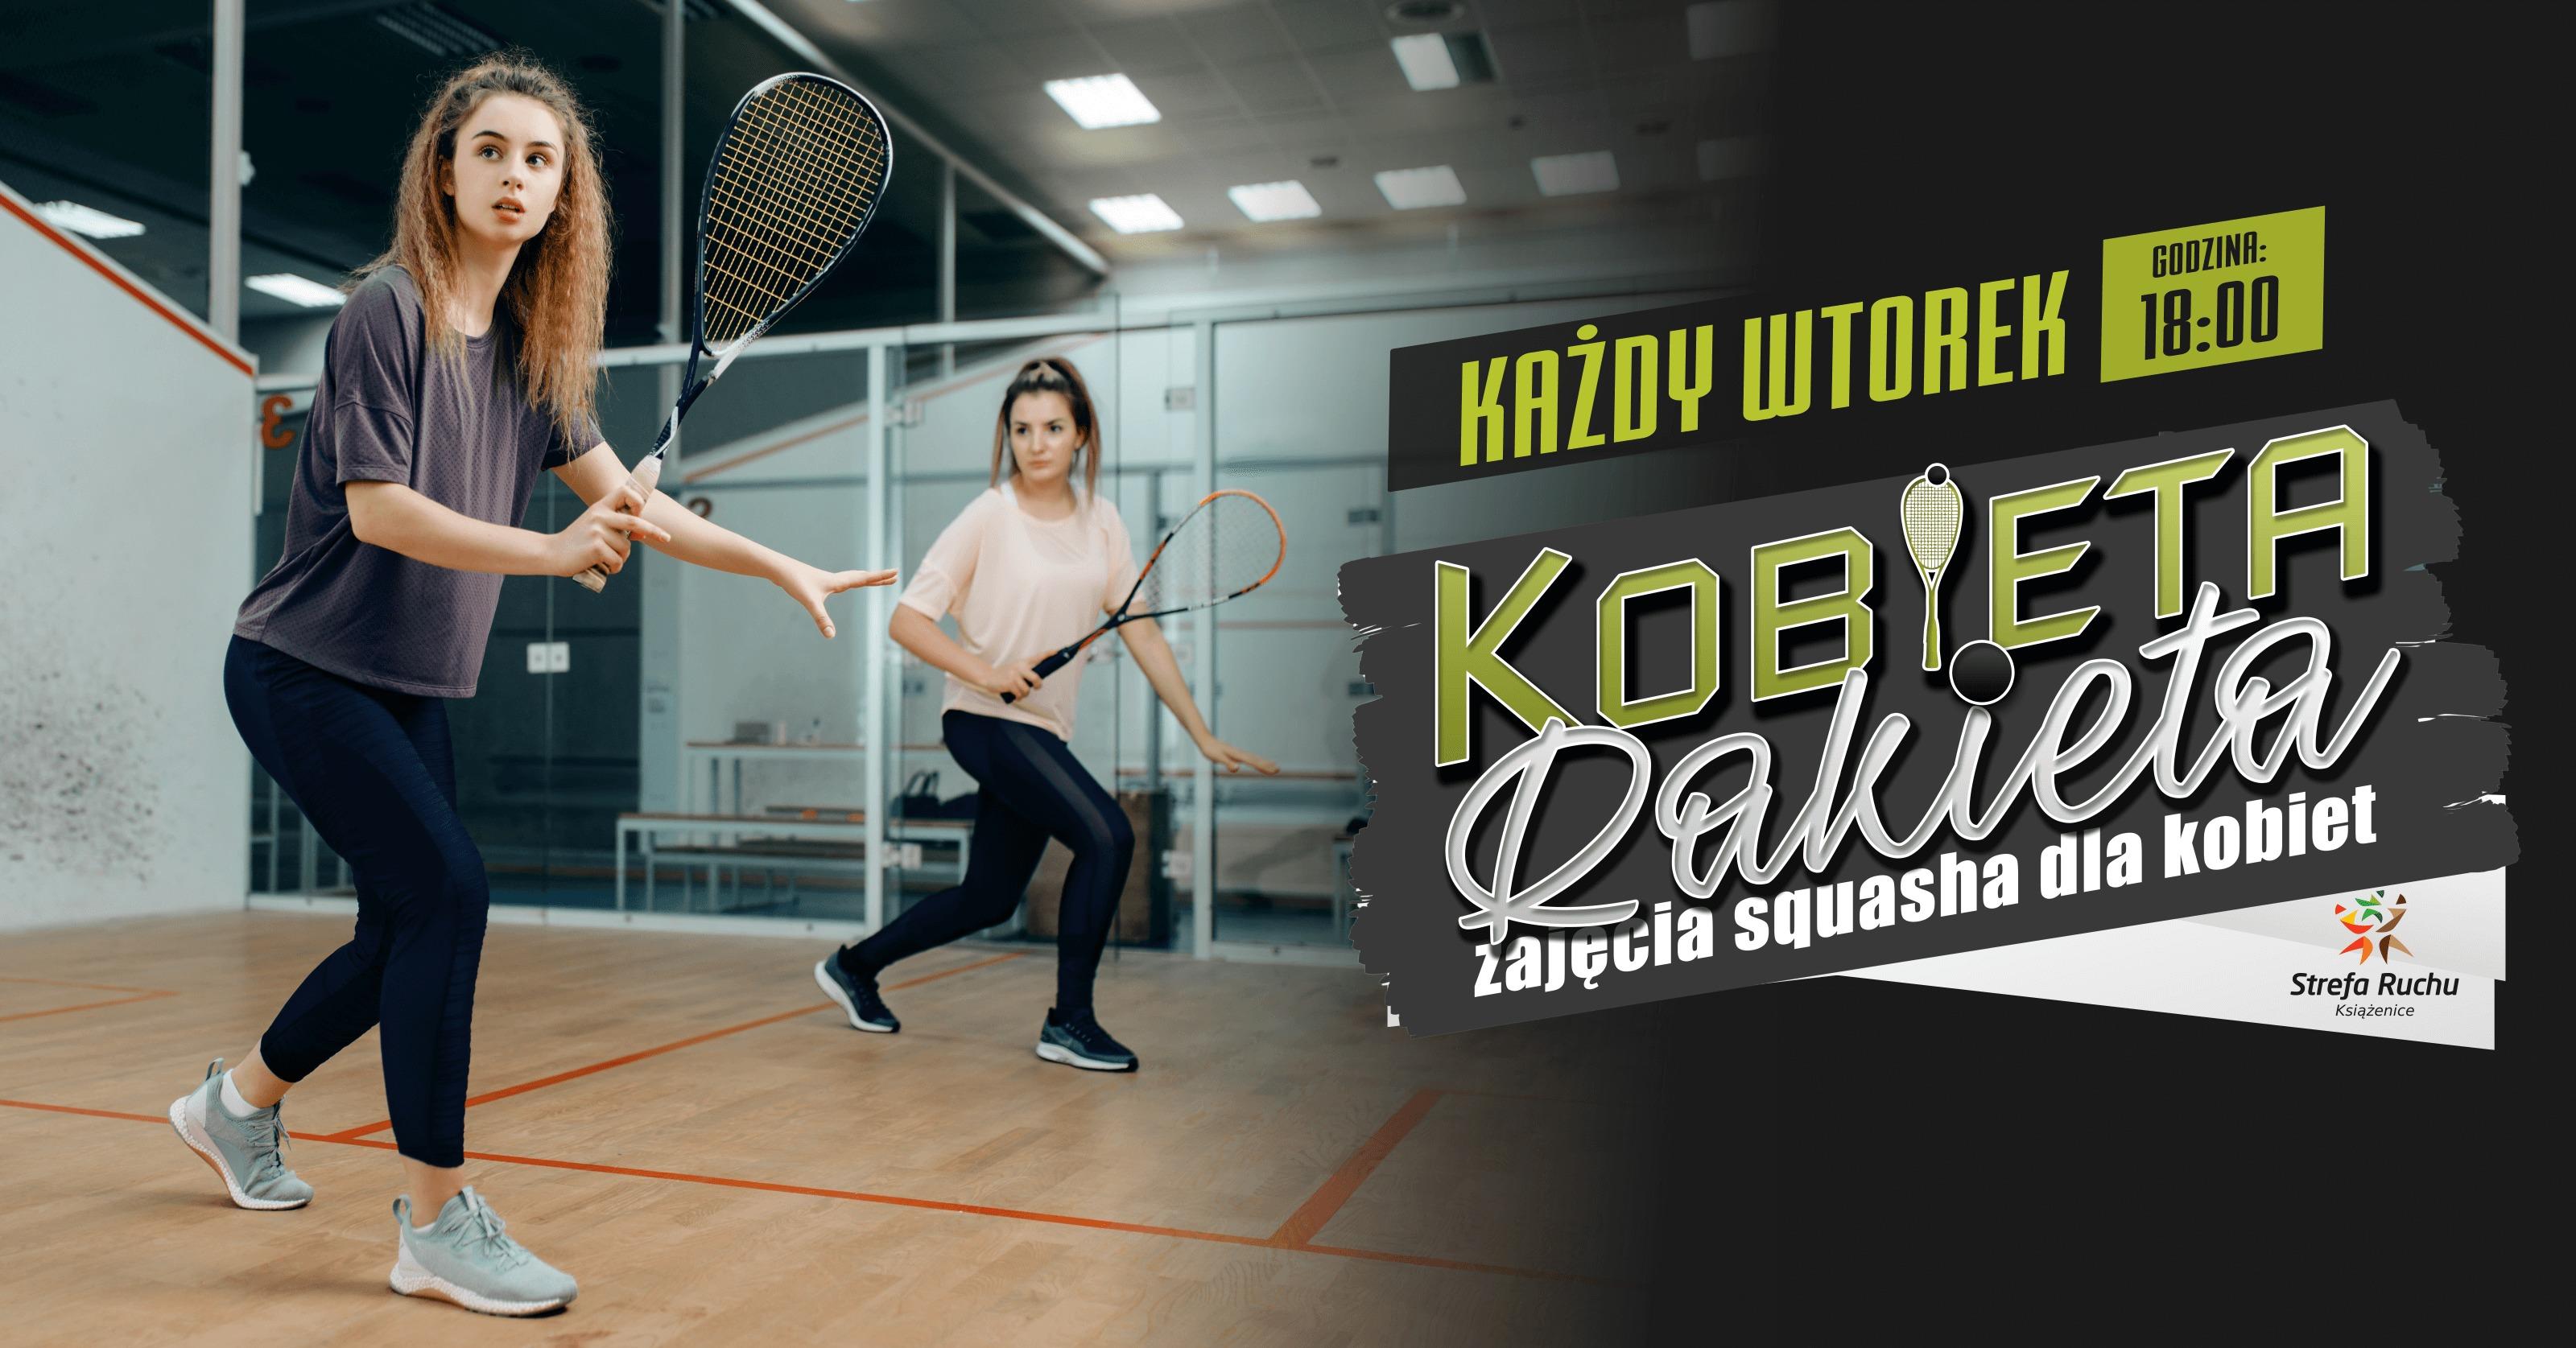 strefa ruchu książenice squash dla kobiet